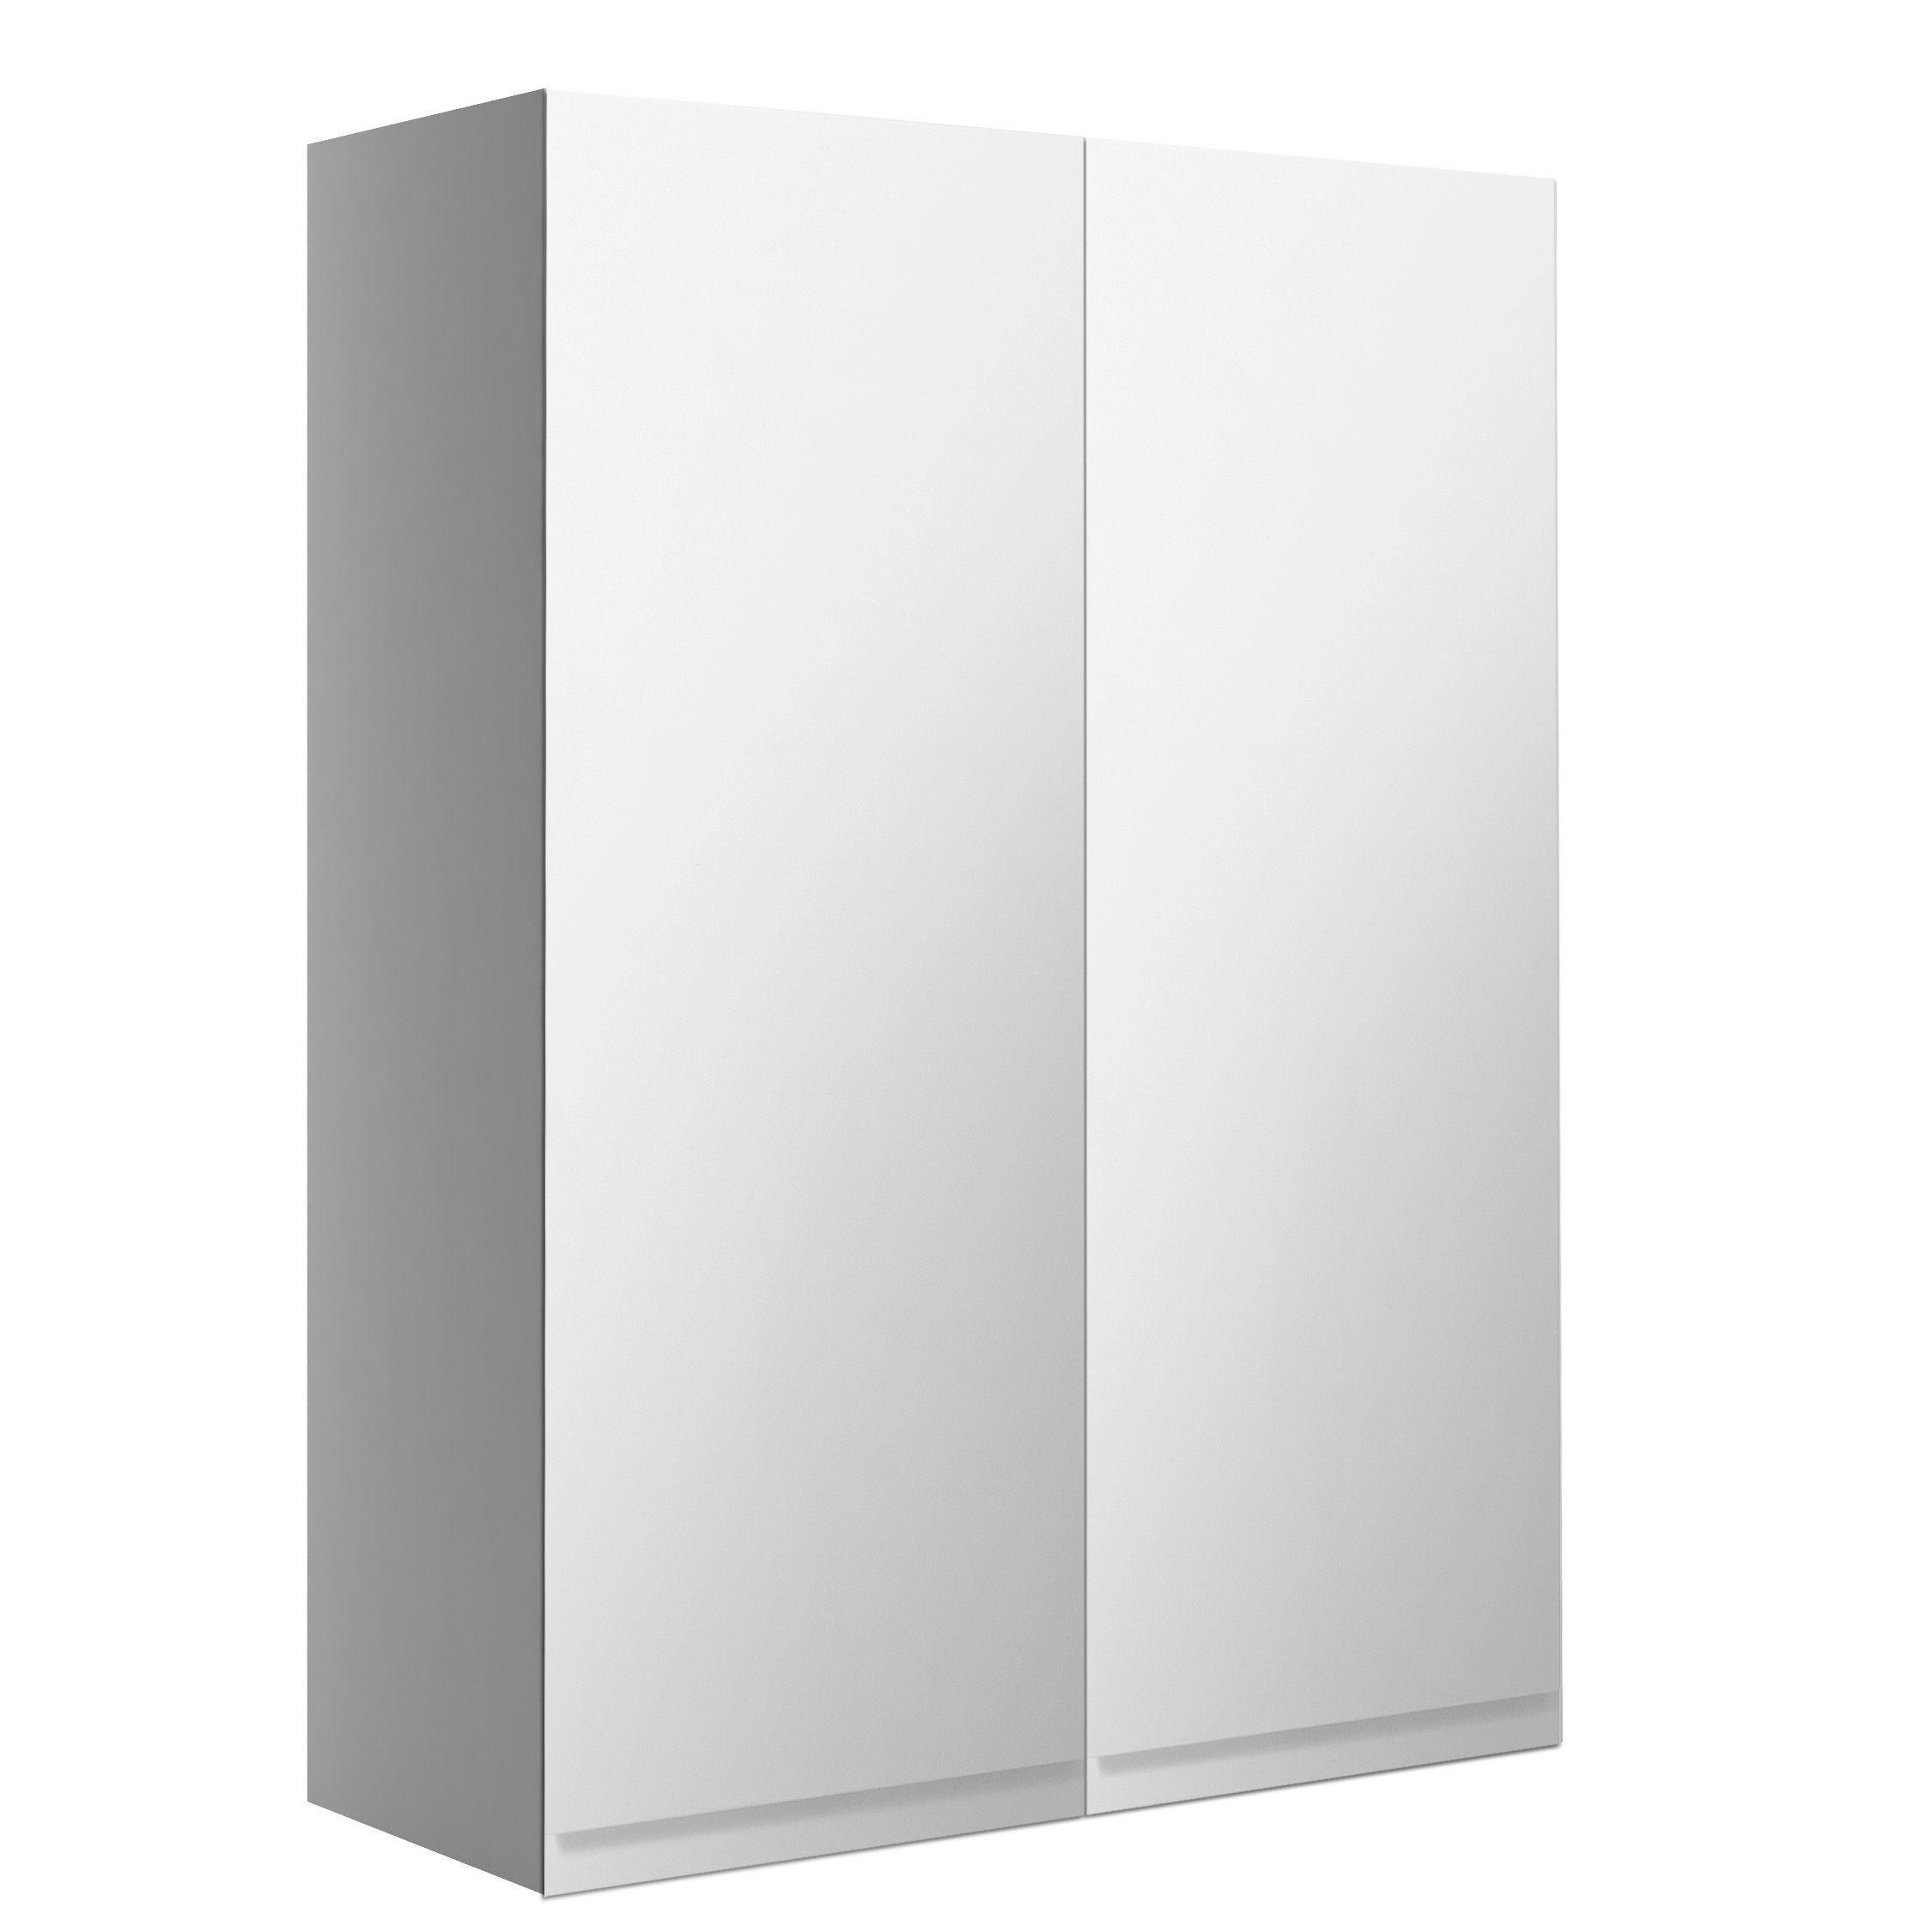 Diy Mirror Cabinet Door: Cooke & Lewis Marletti Gloss White Mirrored Double Door